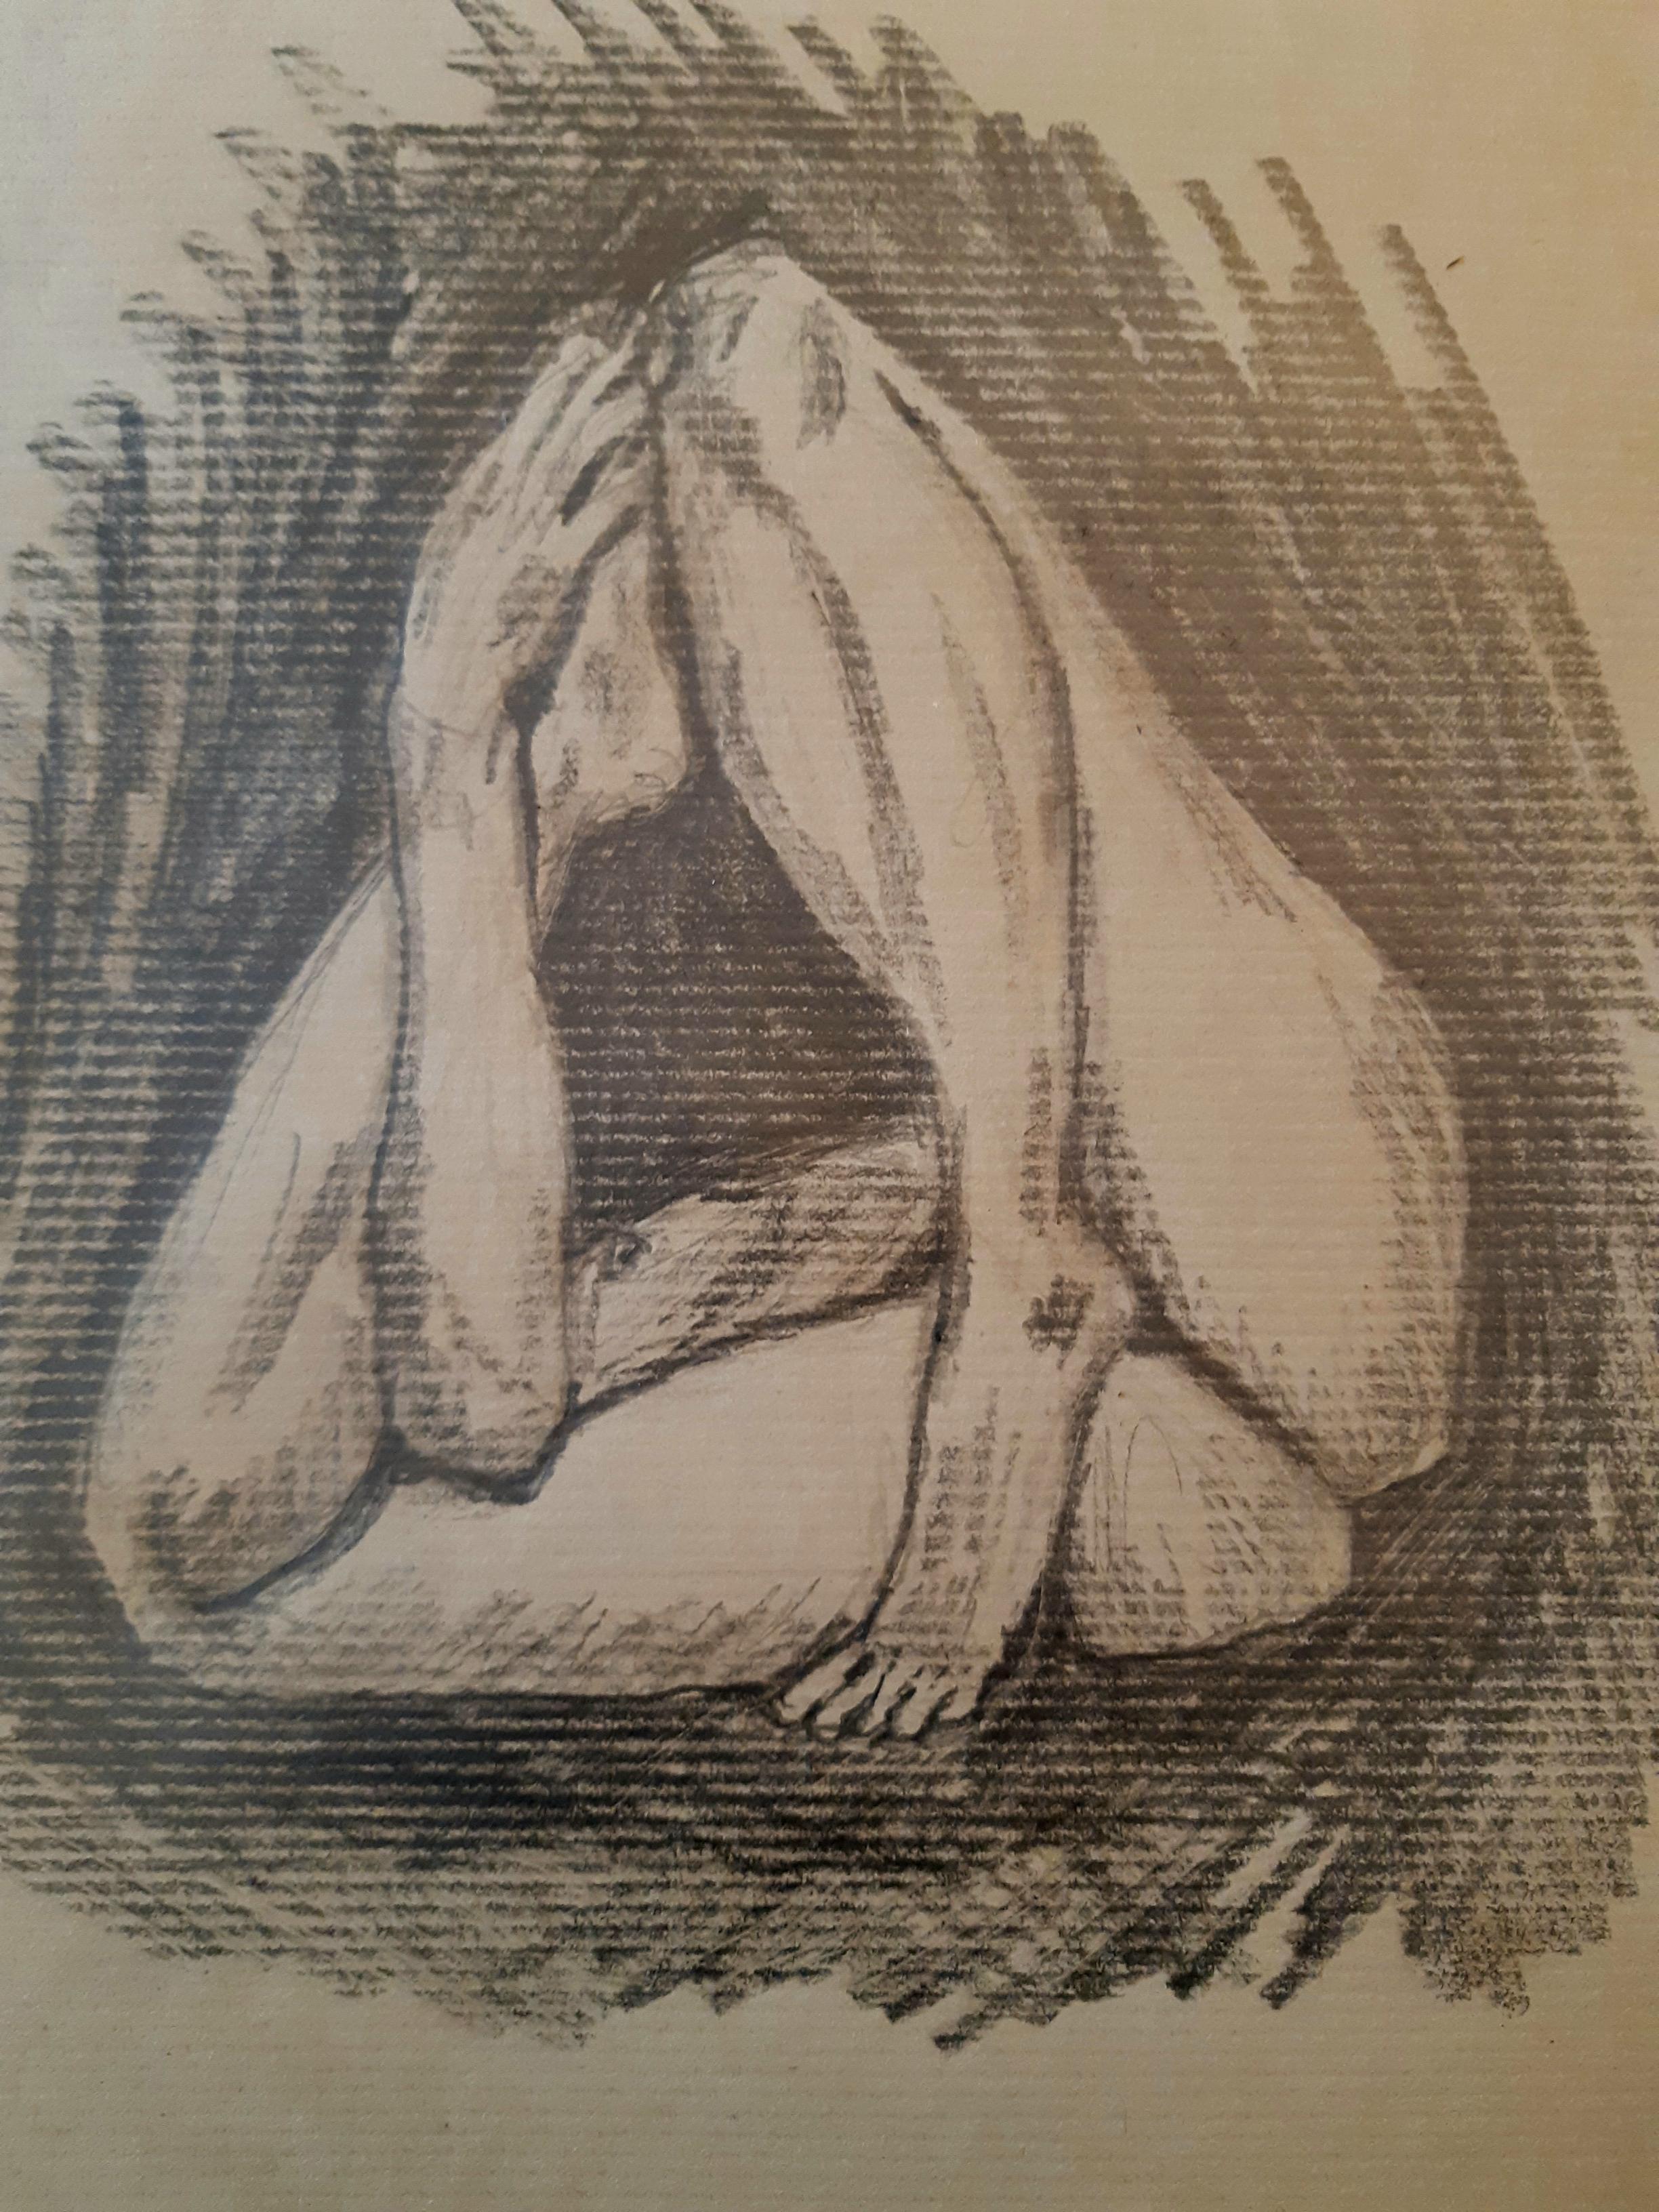 pause dessin mod�le vivant  g�om�trique  pierre noir  cours de dessin